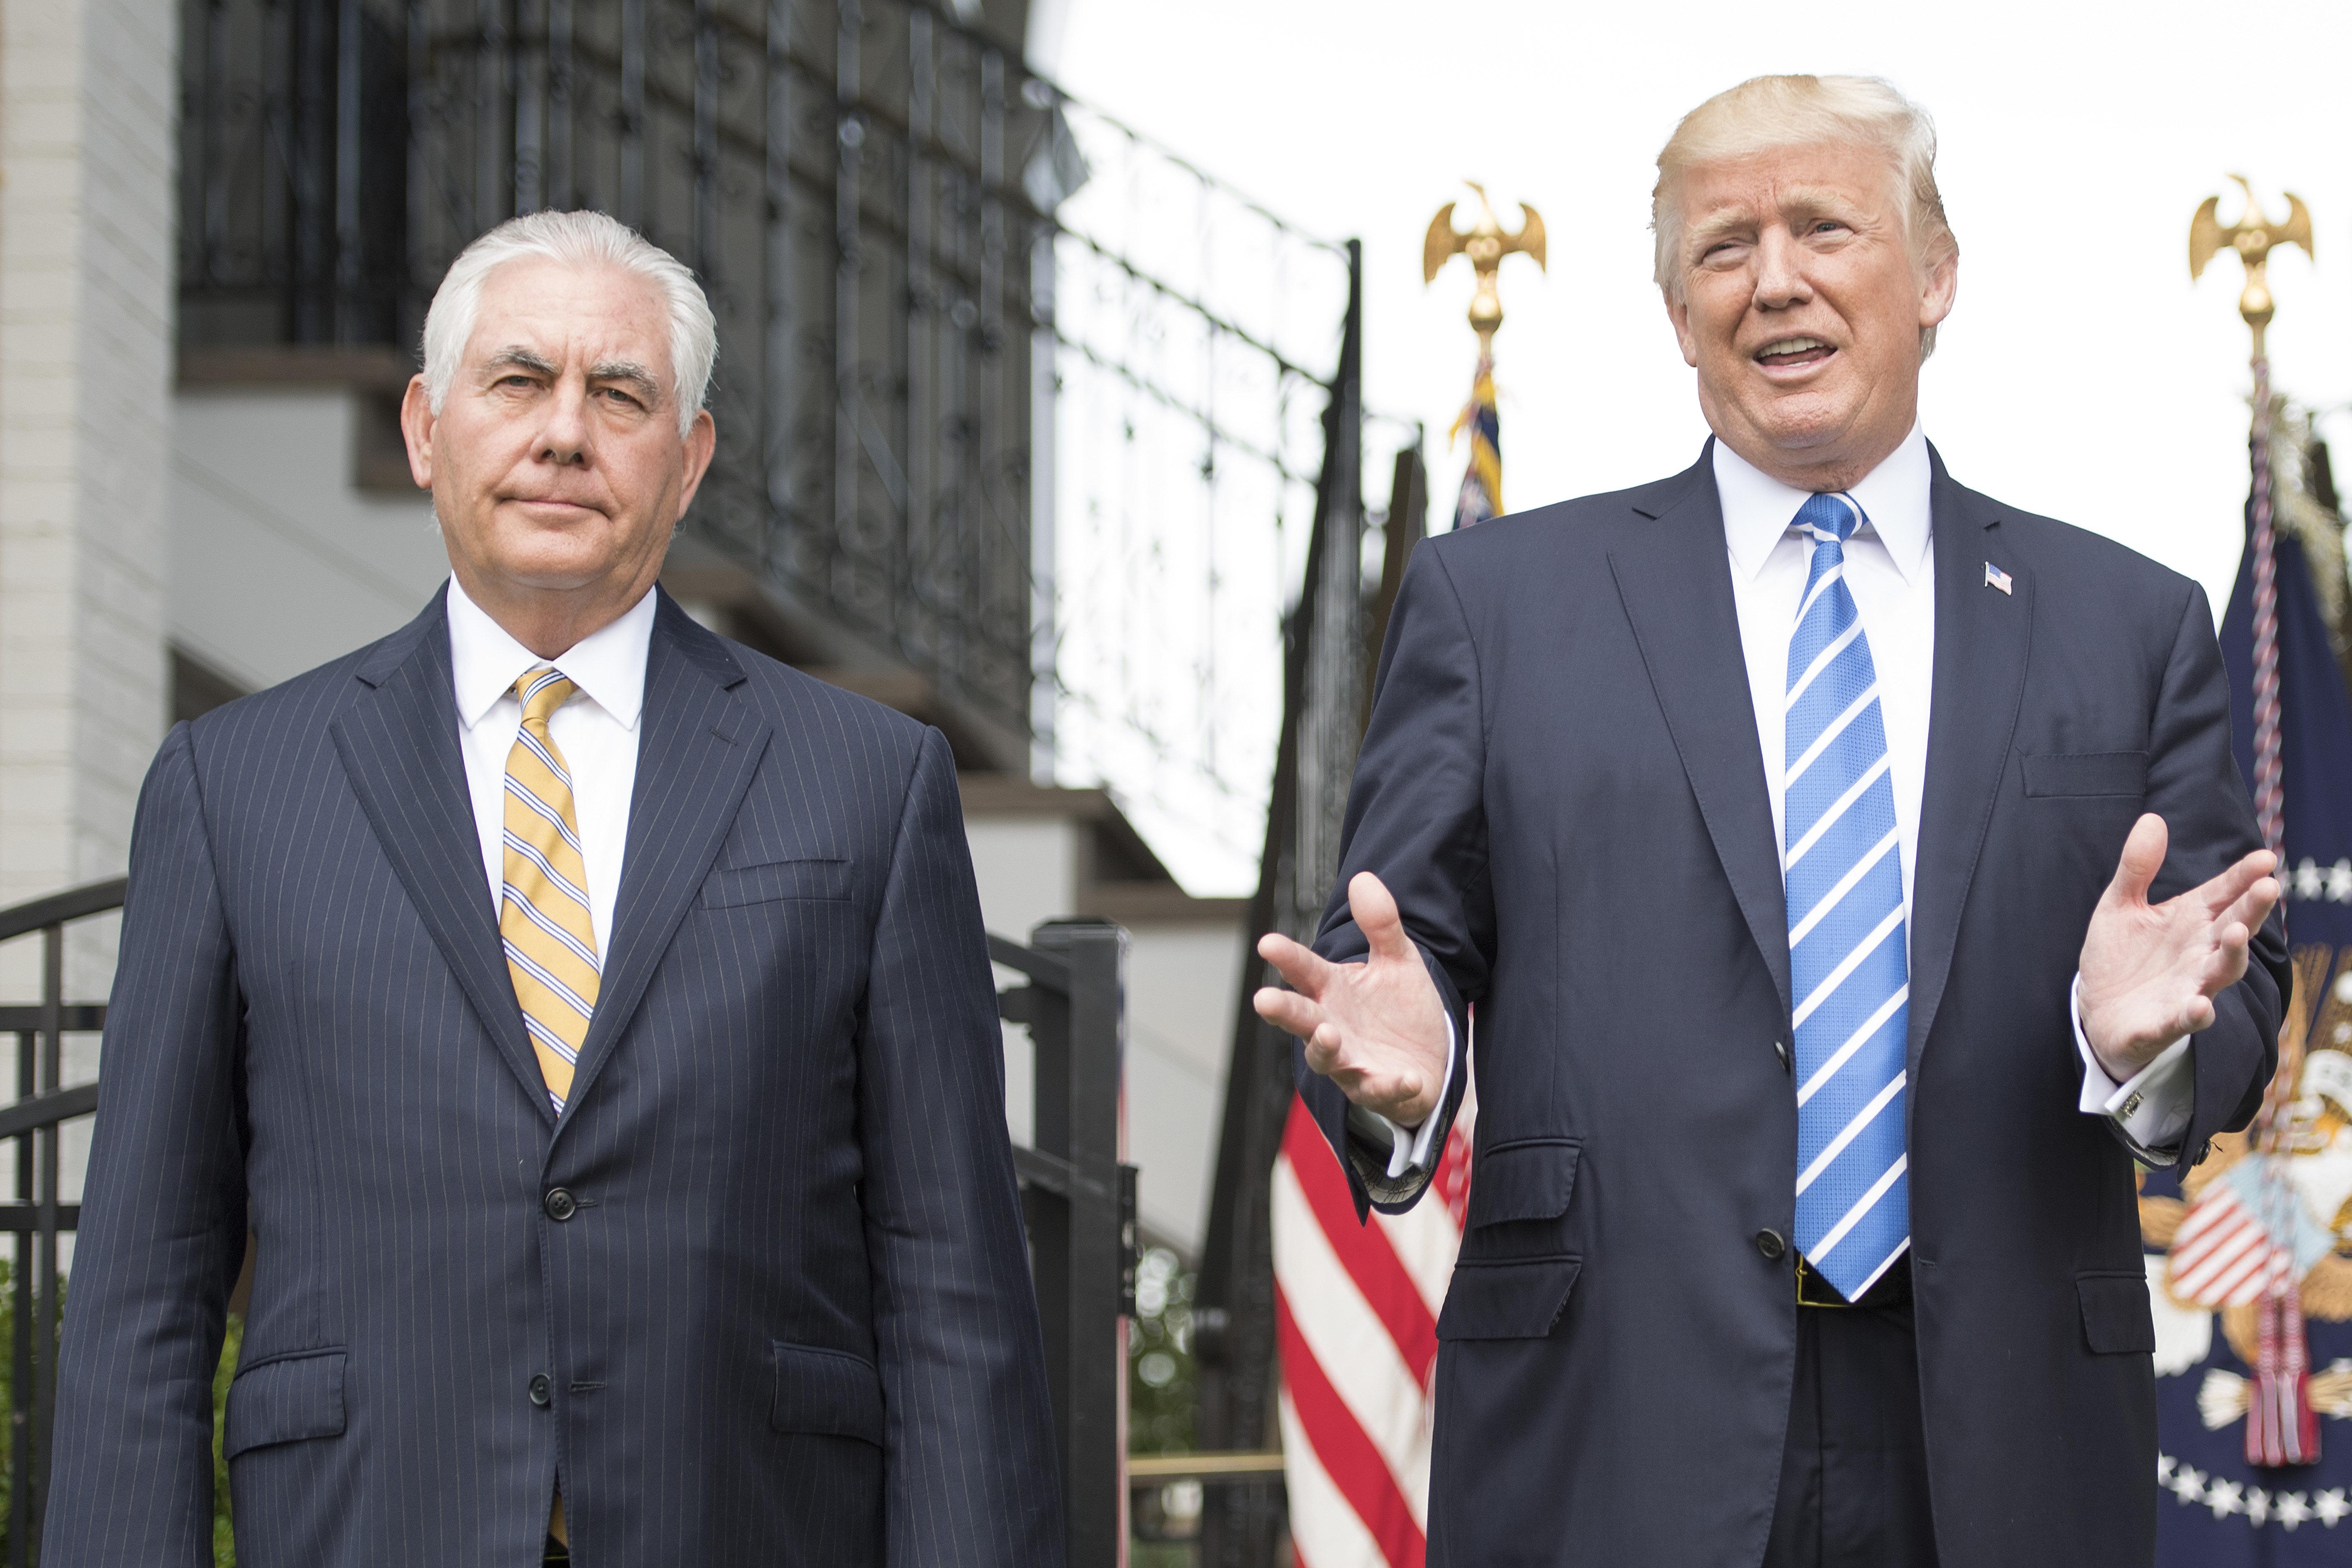 Saját külügyminisztere nevezte idiótának Trumpot